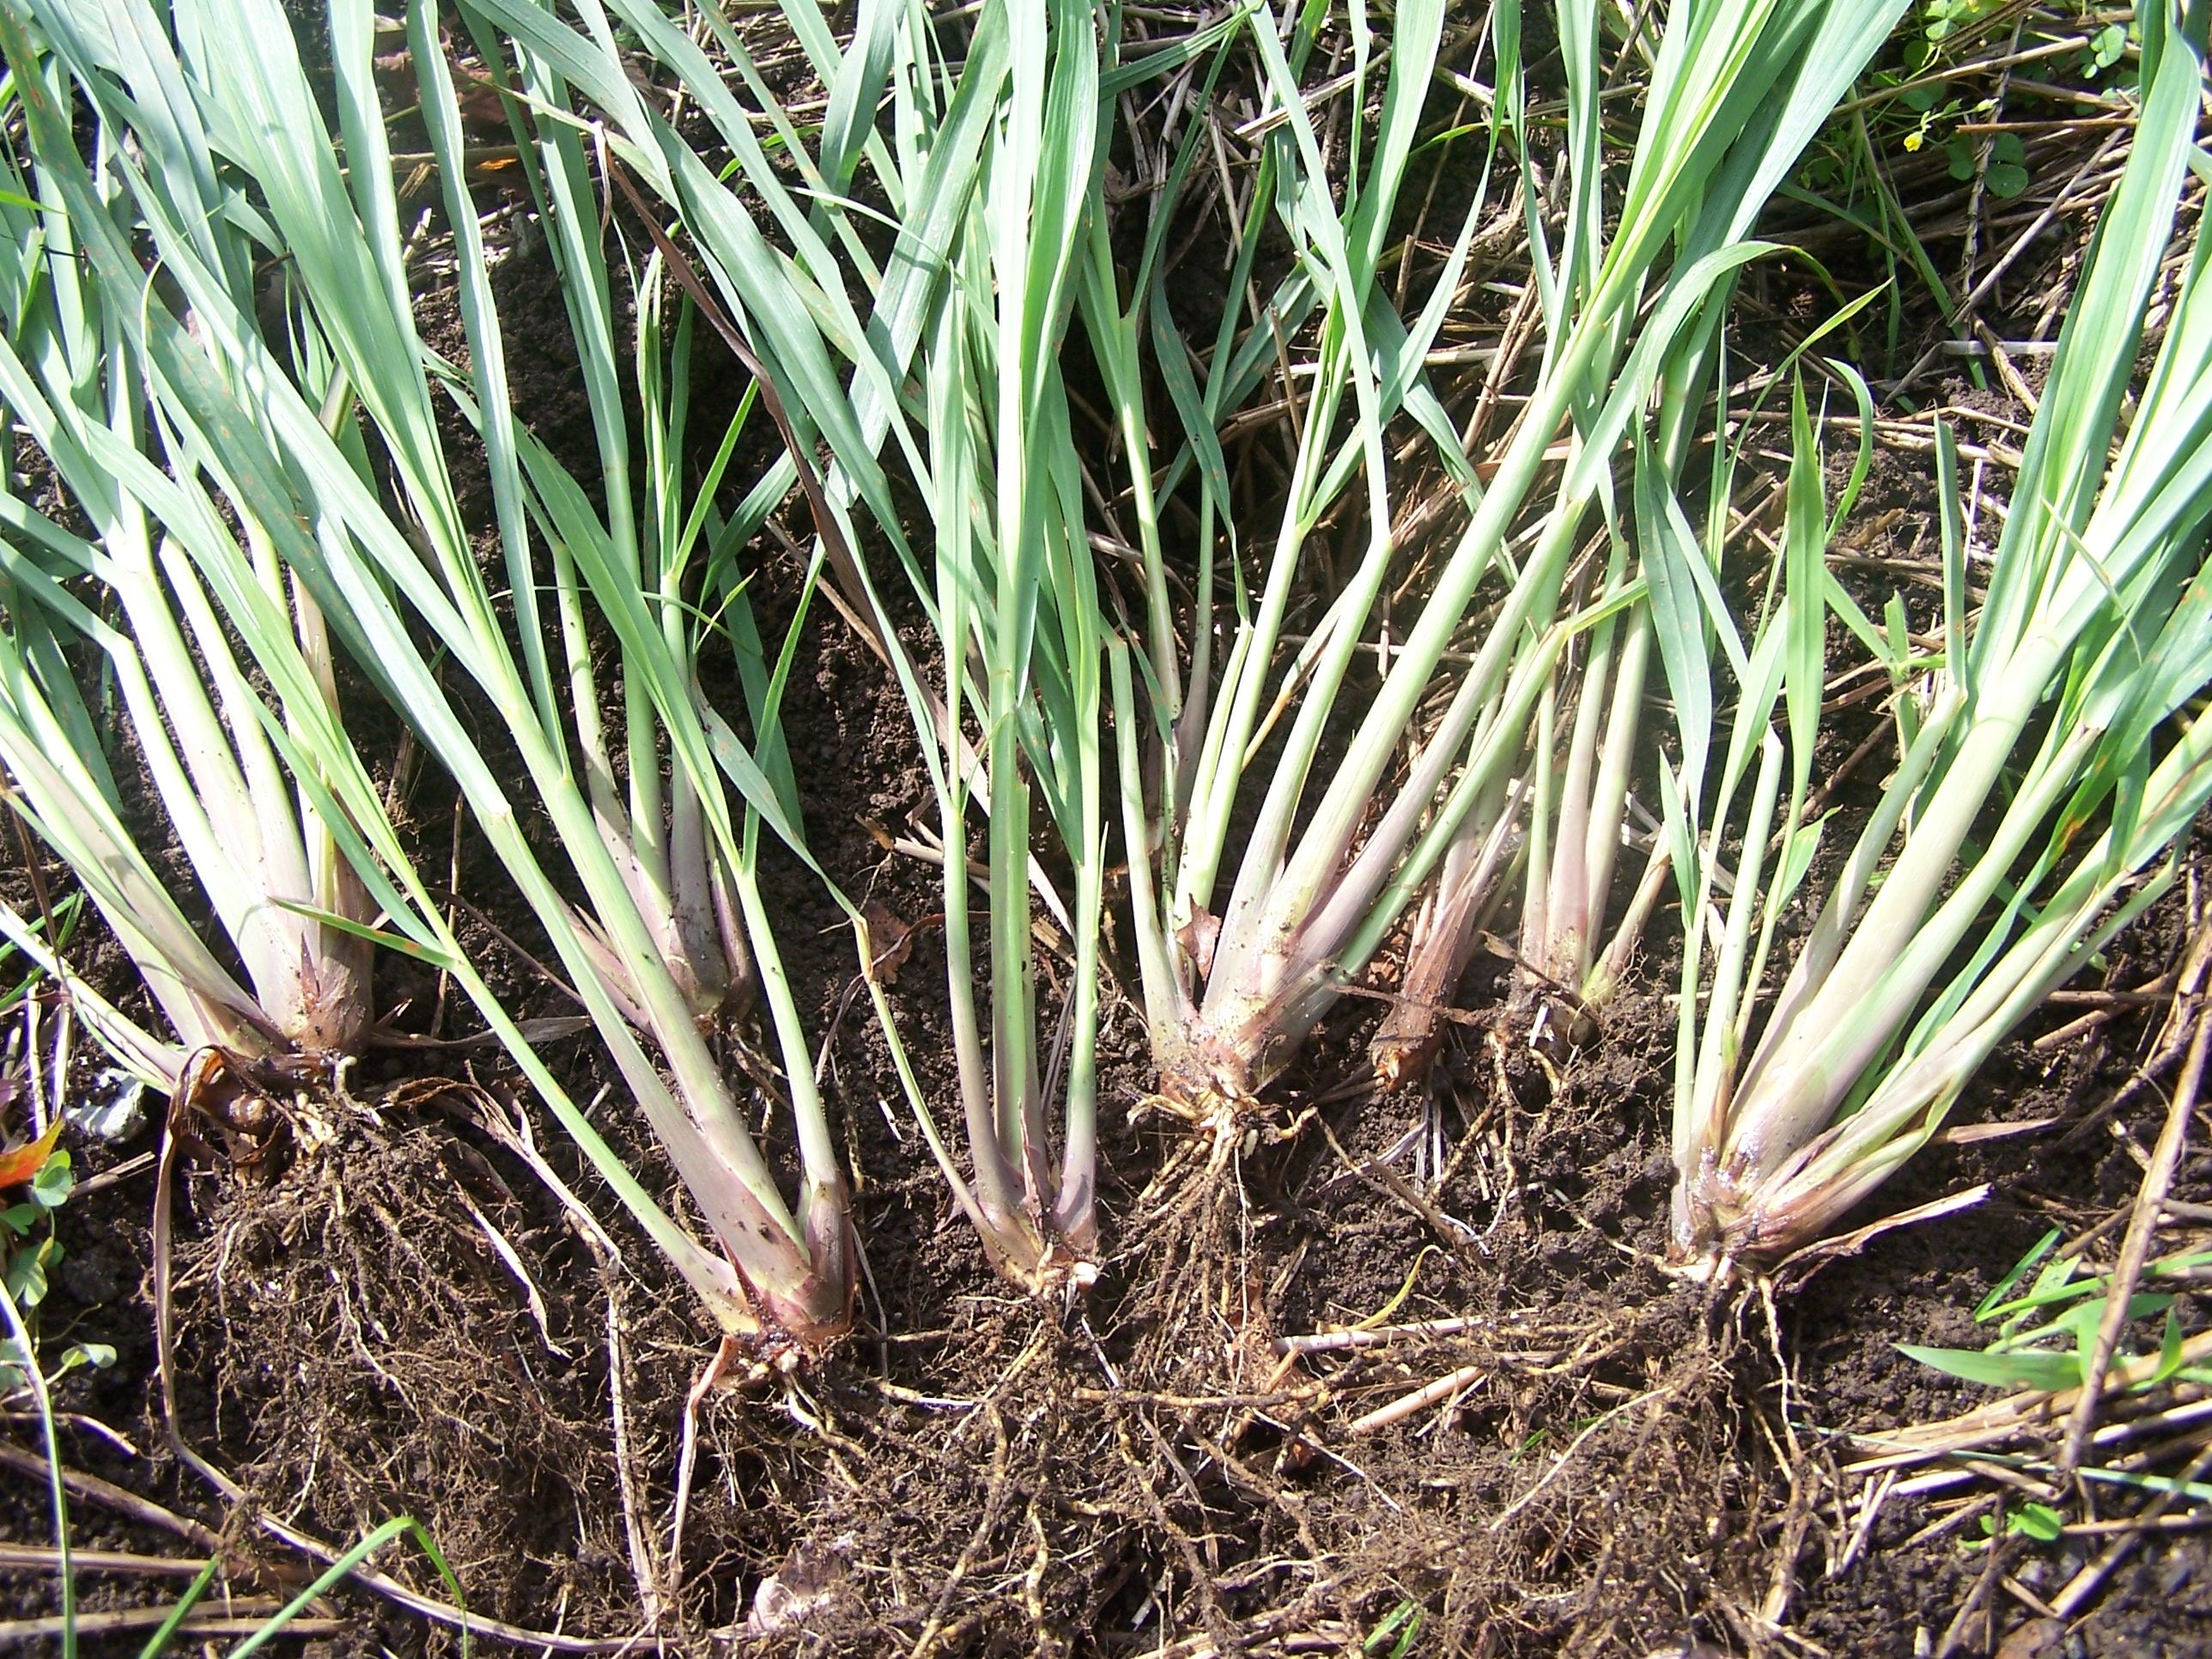 The Grass With Zest Lemongrass The Arid Land